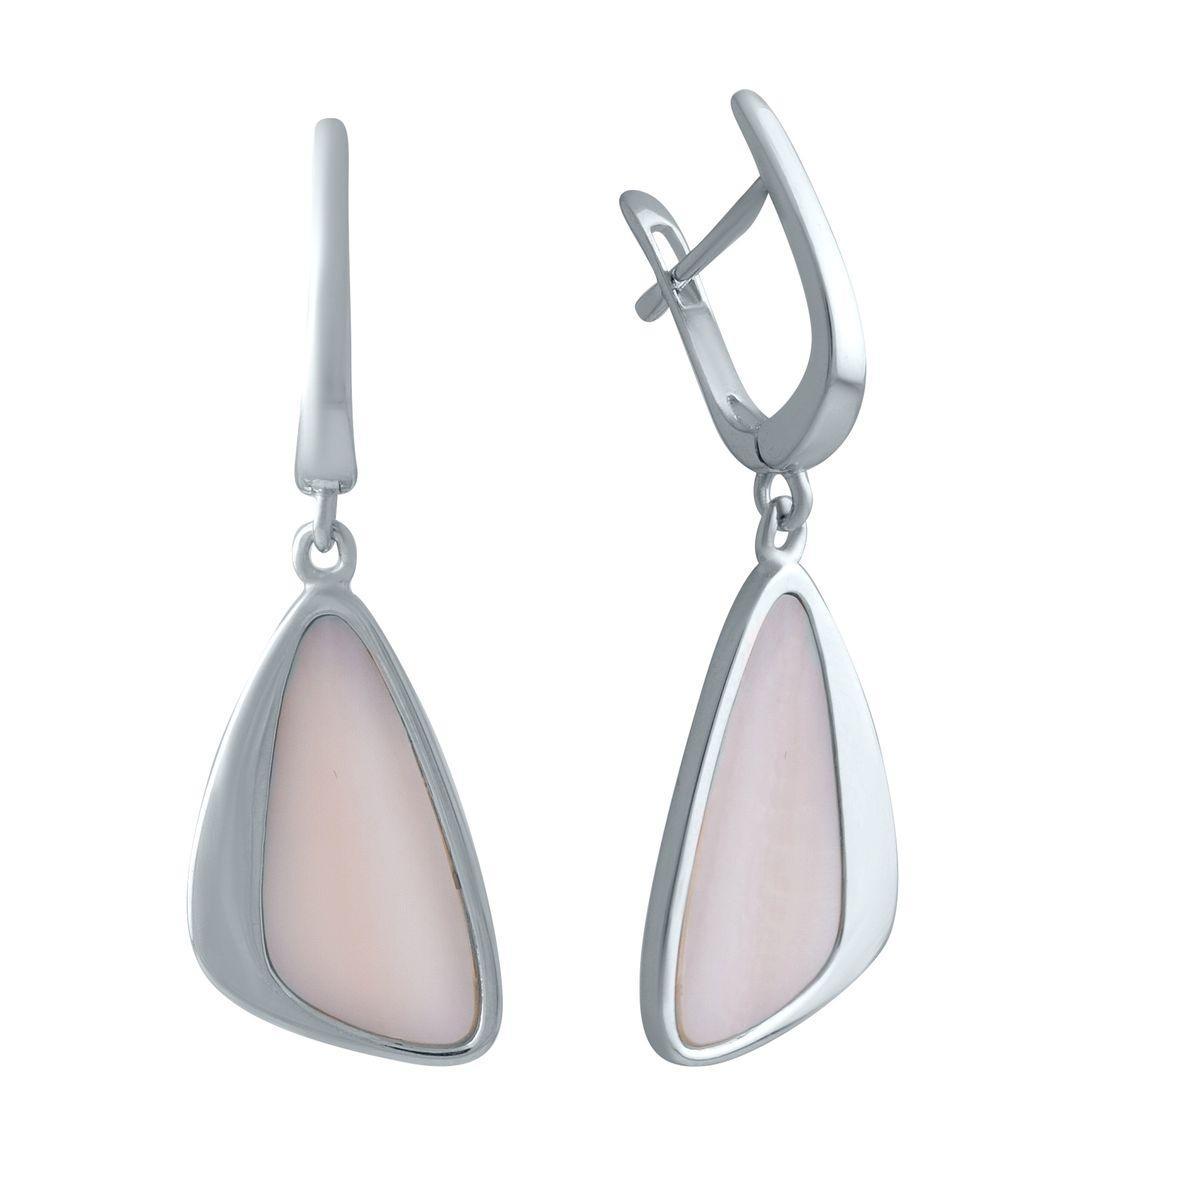 Серебряные серьги DreamJewelry с натуральным перламутром (2005476)